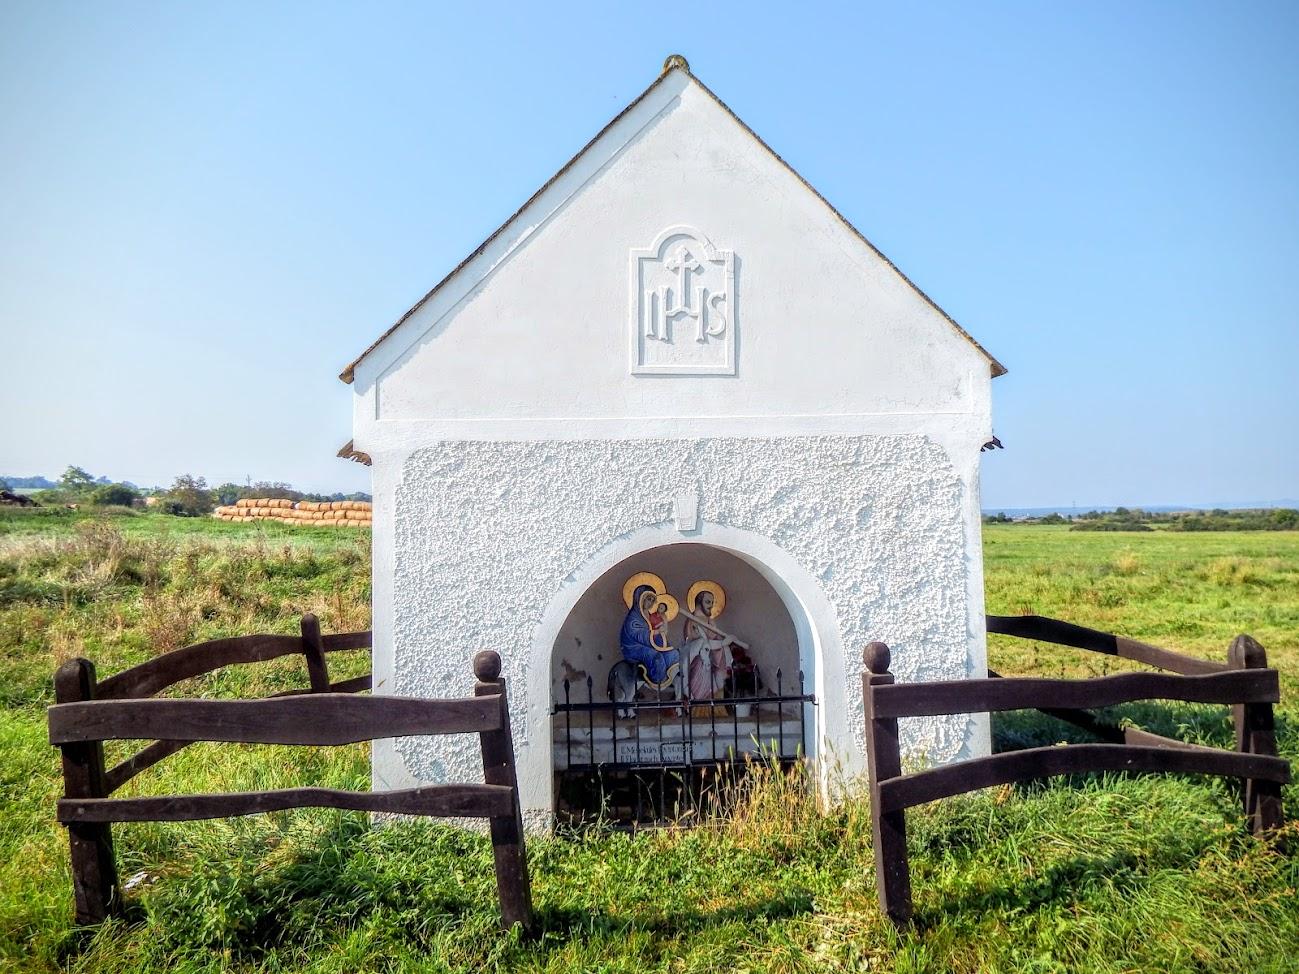 Barnag - kálváriakápolna 7 stációs keresztúttal a temetőben